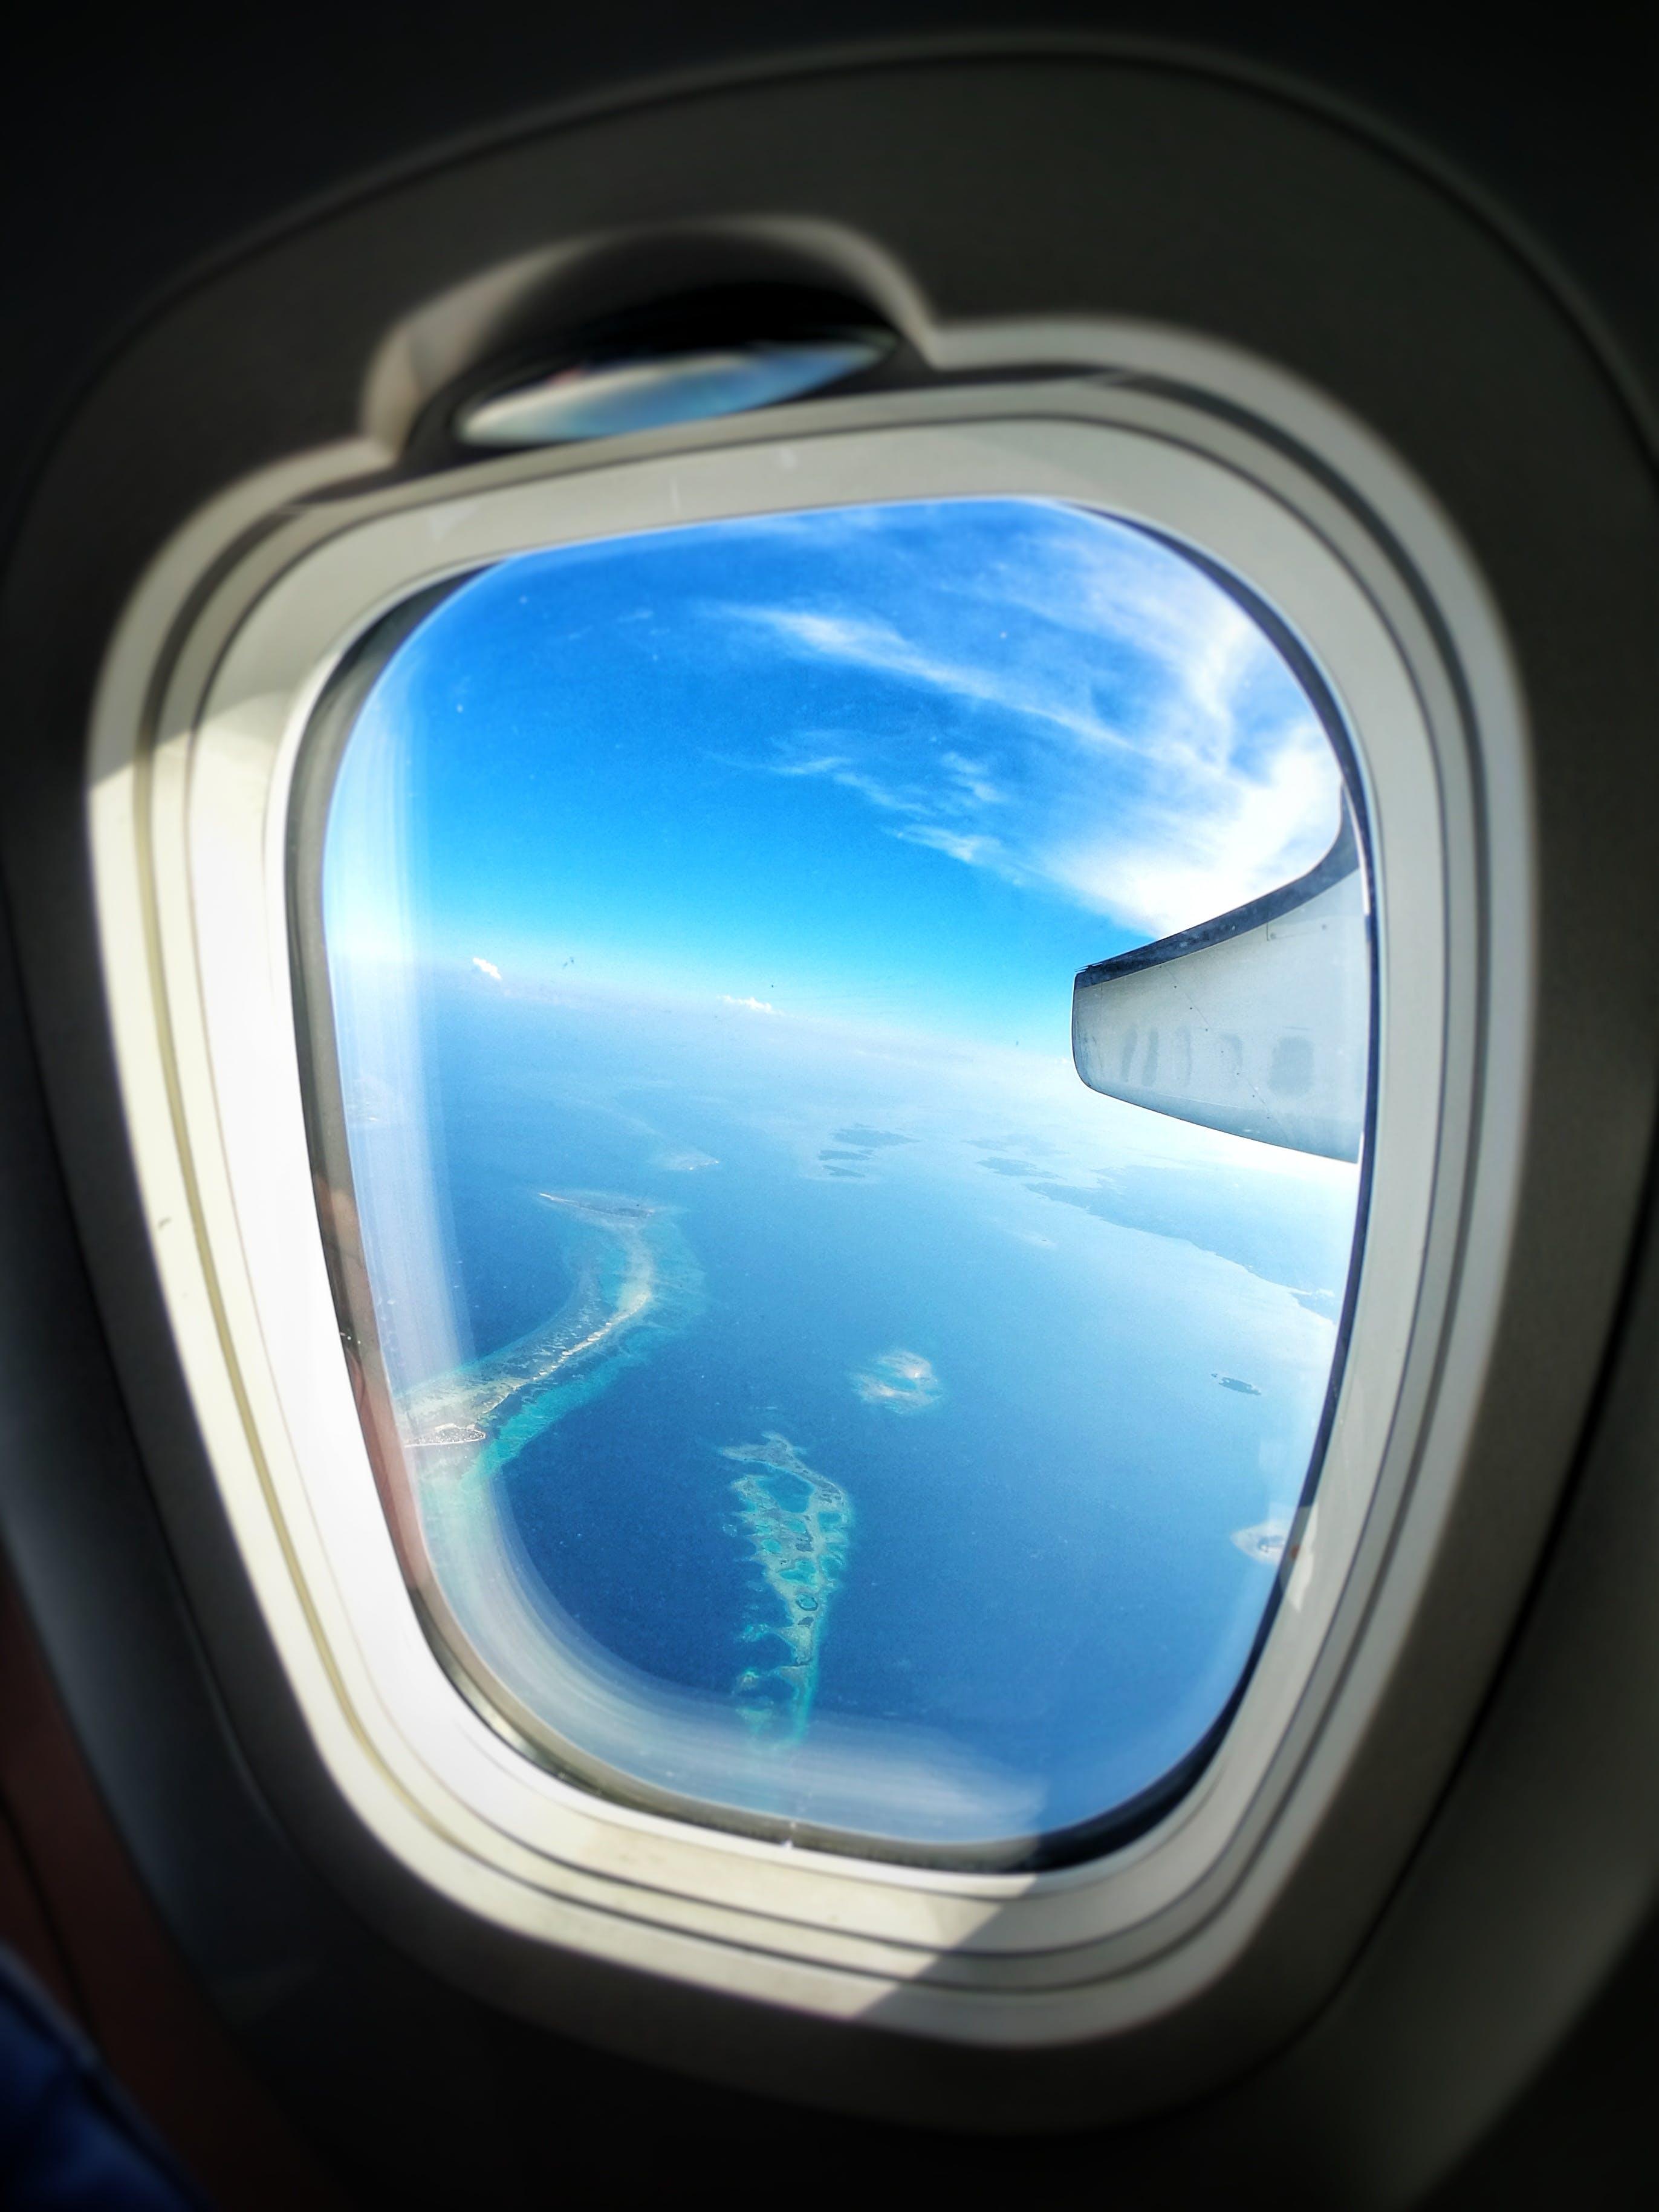 Δωρεάν στοκ φωτογραφιών με αεροπλάνο, γαλάζια νερά, γαλάζιος ουρανός, εναέρια άποψη